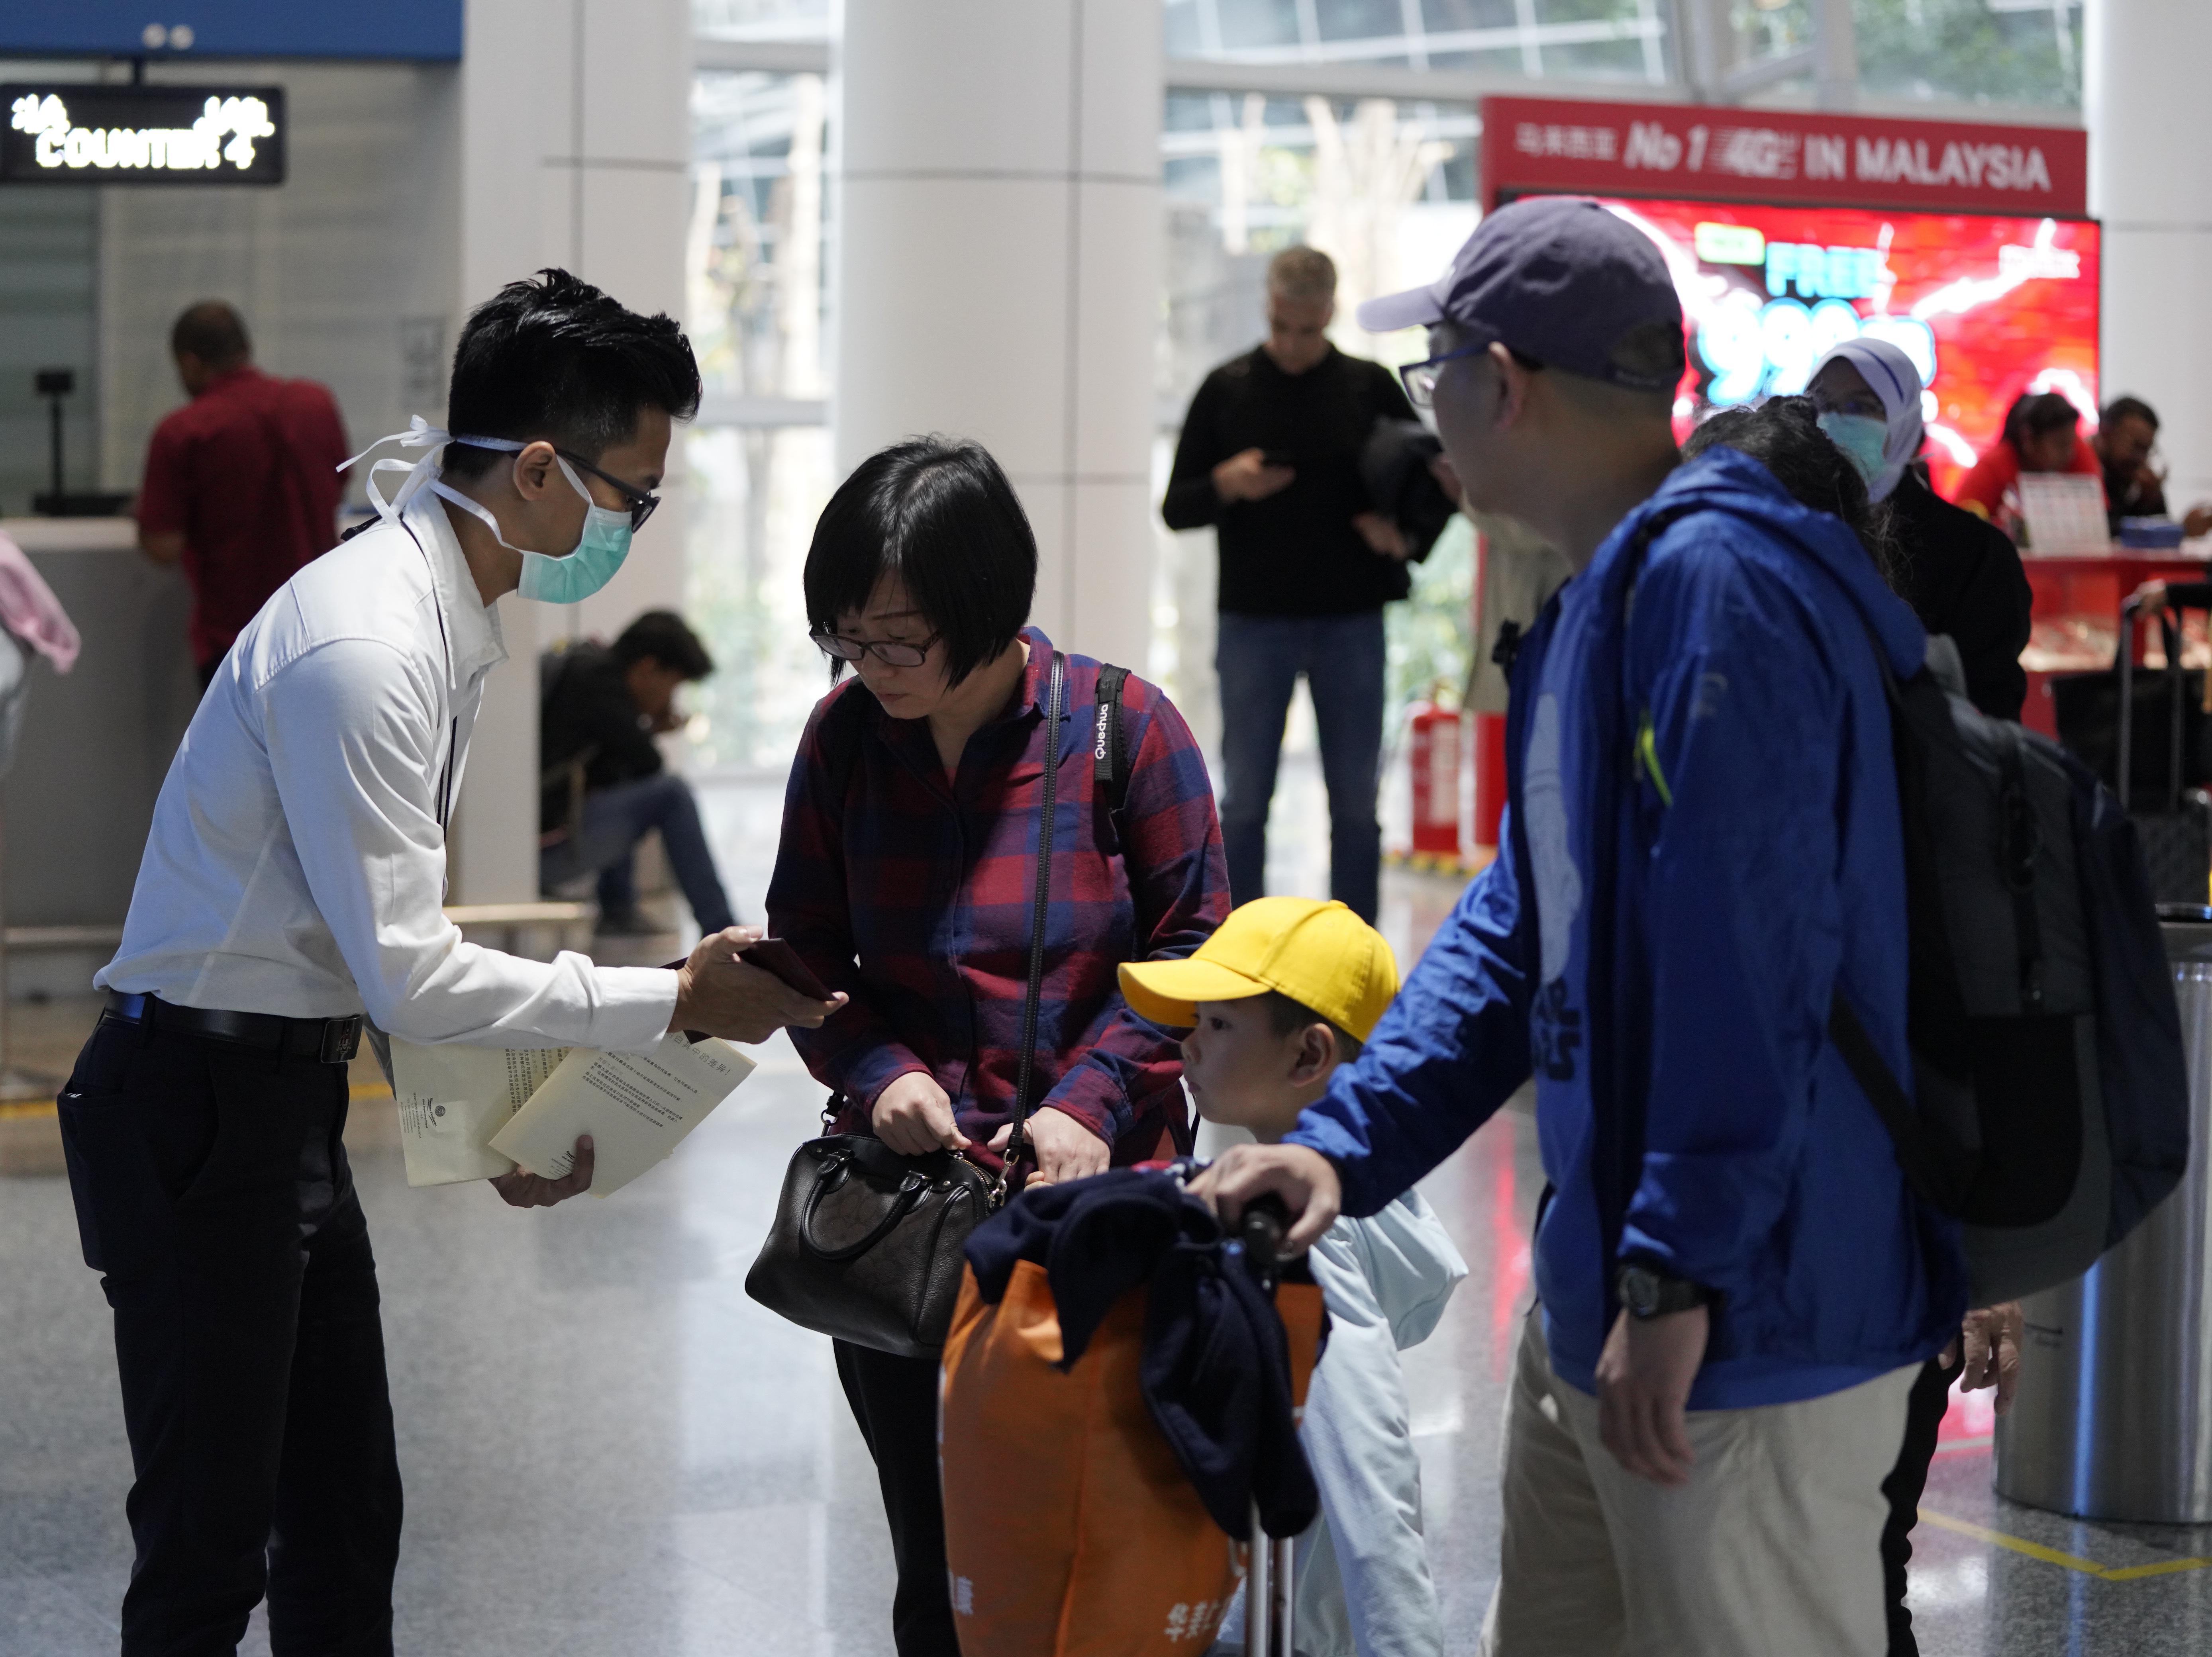 Los funcionarios de salud revisan a los pasajeros en el aeropuerto internacional de Kuala Lumpur en Sepang, Malasia, el martes 21 de enero de 2020. Países tanto en Asia-Pacífico como en otros lugares han iniciado controles de temperatura corporal en aeropuertos, estaciones de ferrocarril y autopistas con la esperanza de atraparlos. en riesgo de portar un nuevo coronavirus que ha enfermado a más de 200 personas en China. (Foto AP / Vincent Thian)